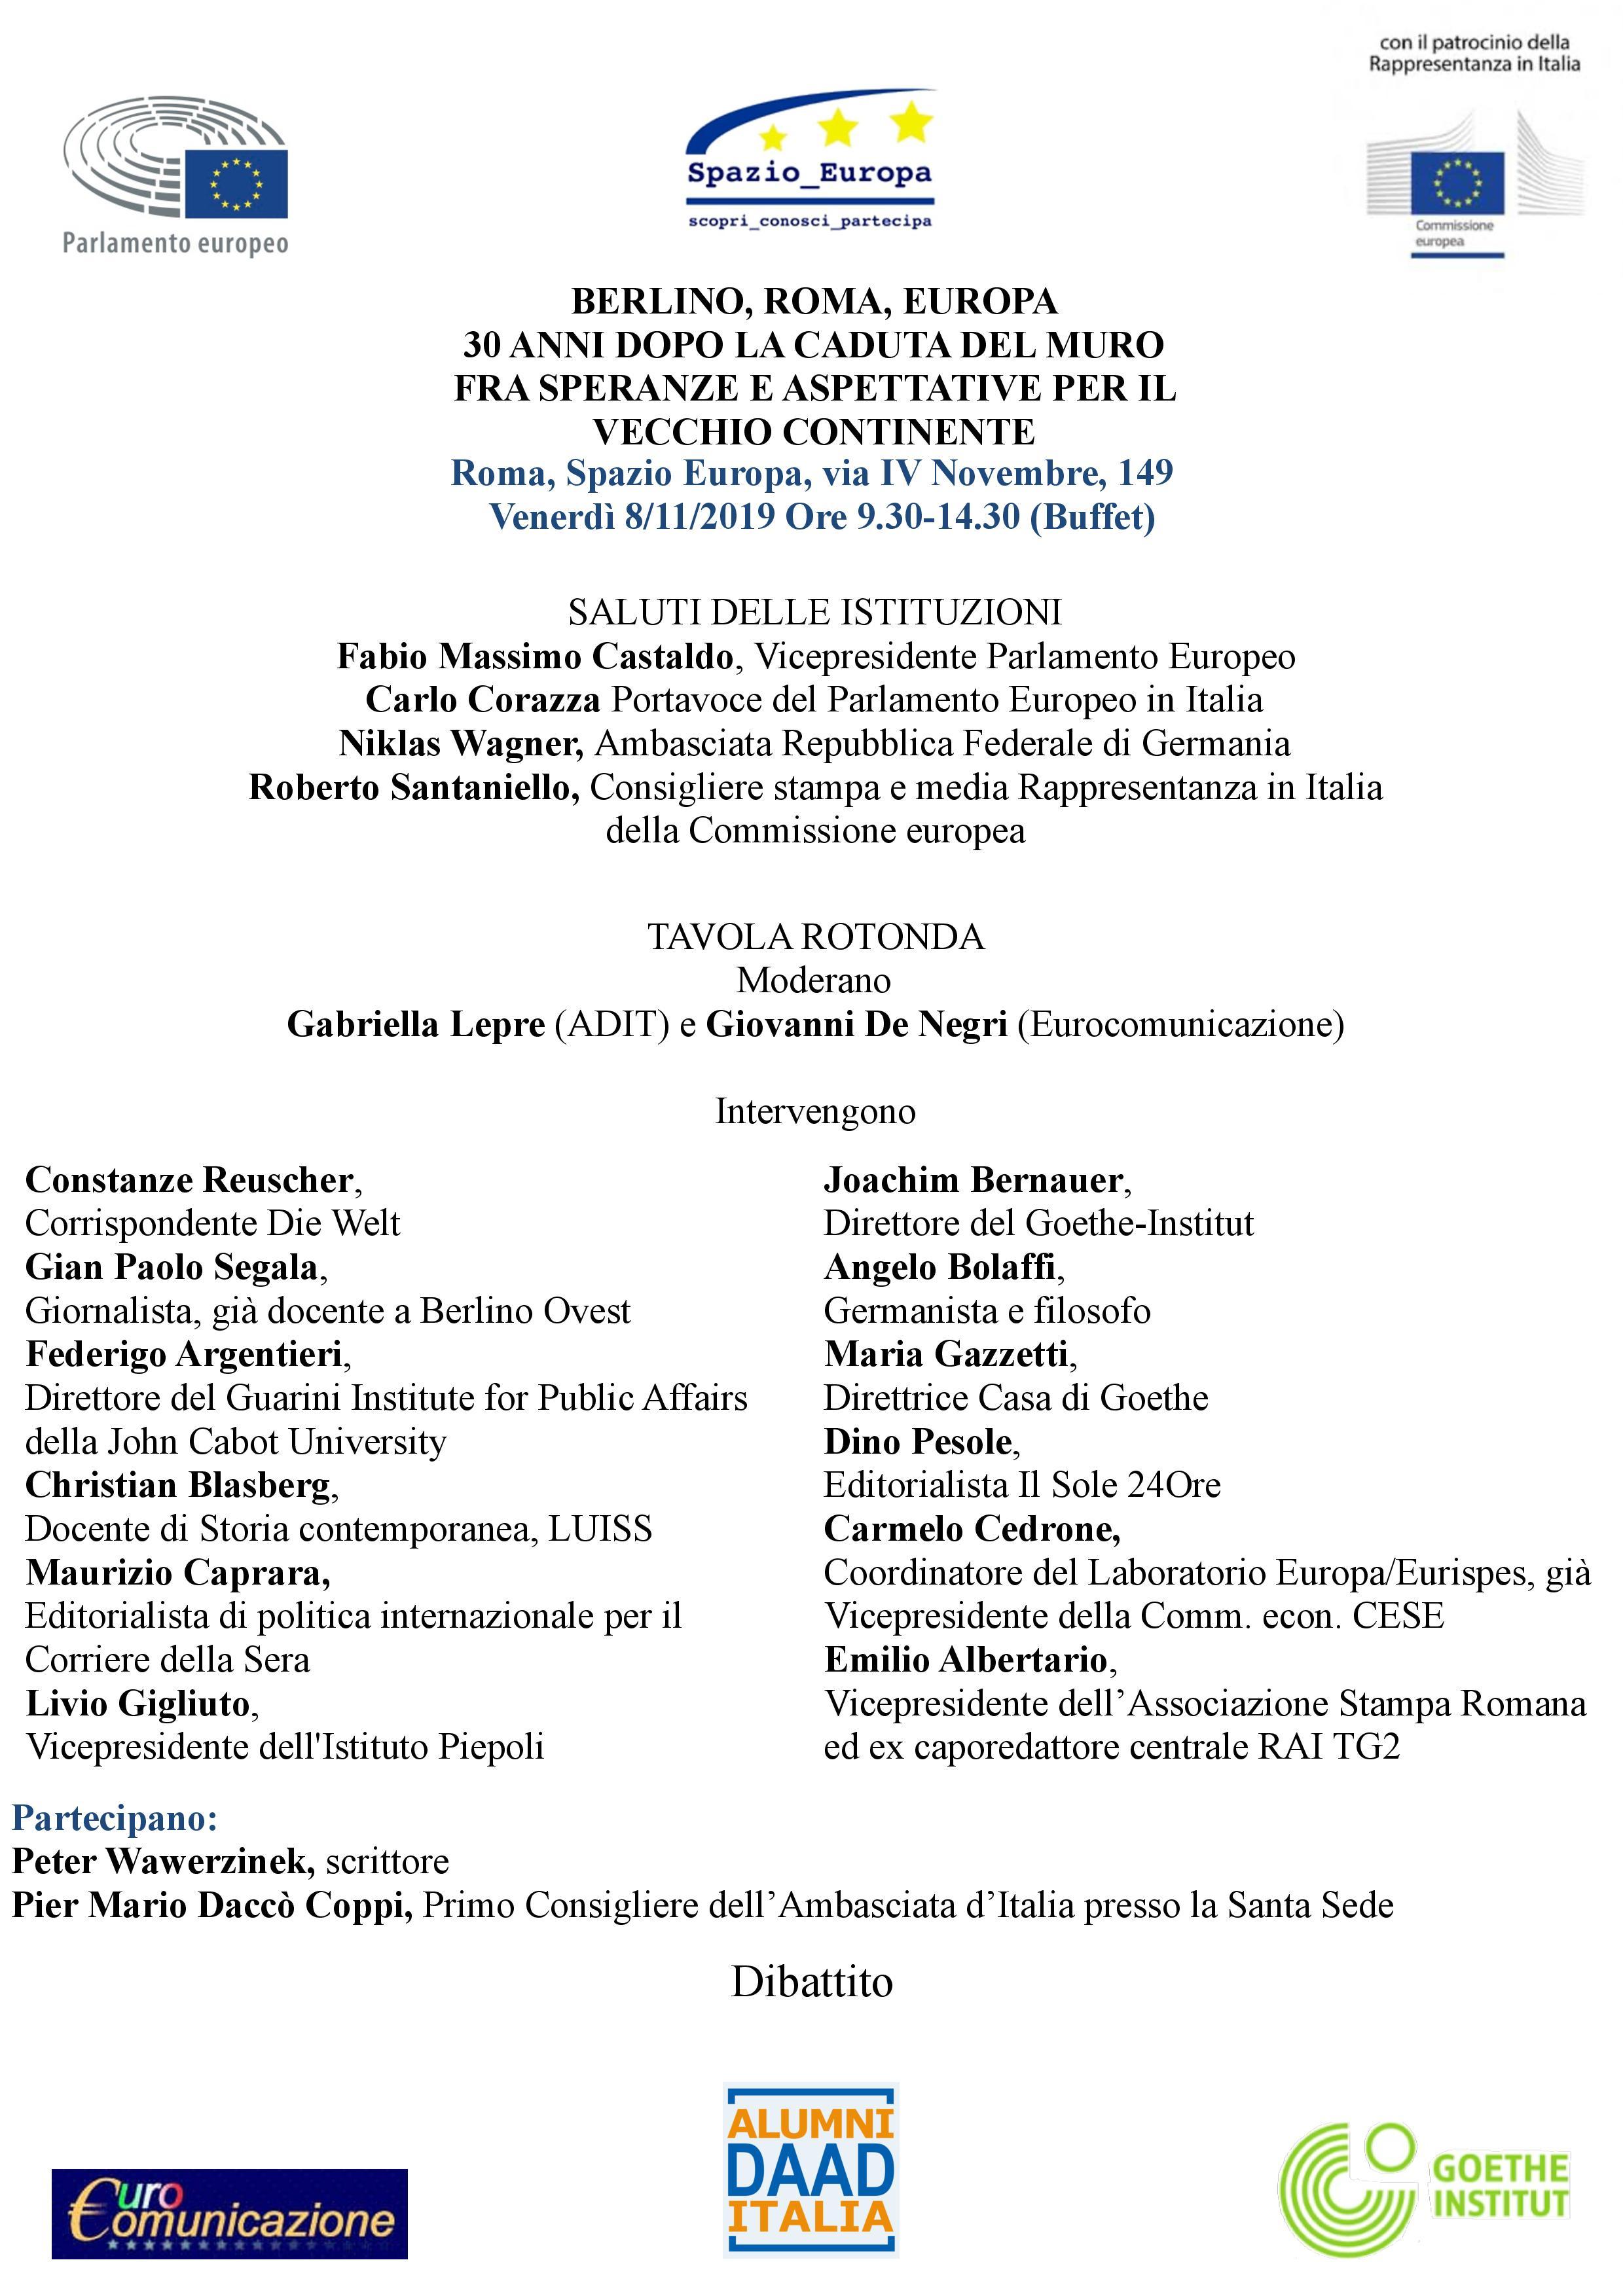 Programma Spazio Europa Caduta Muro Lepre-page-001